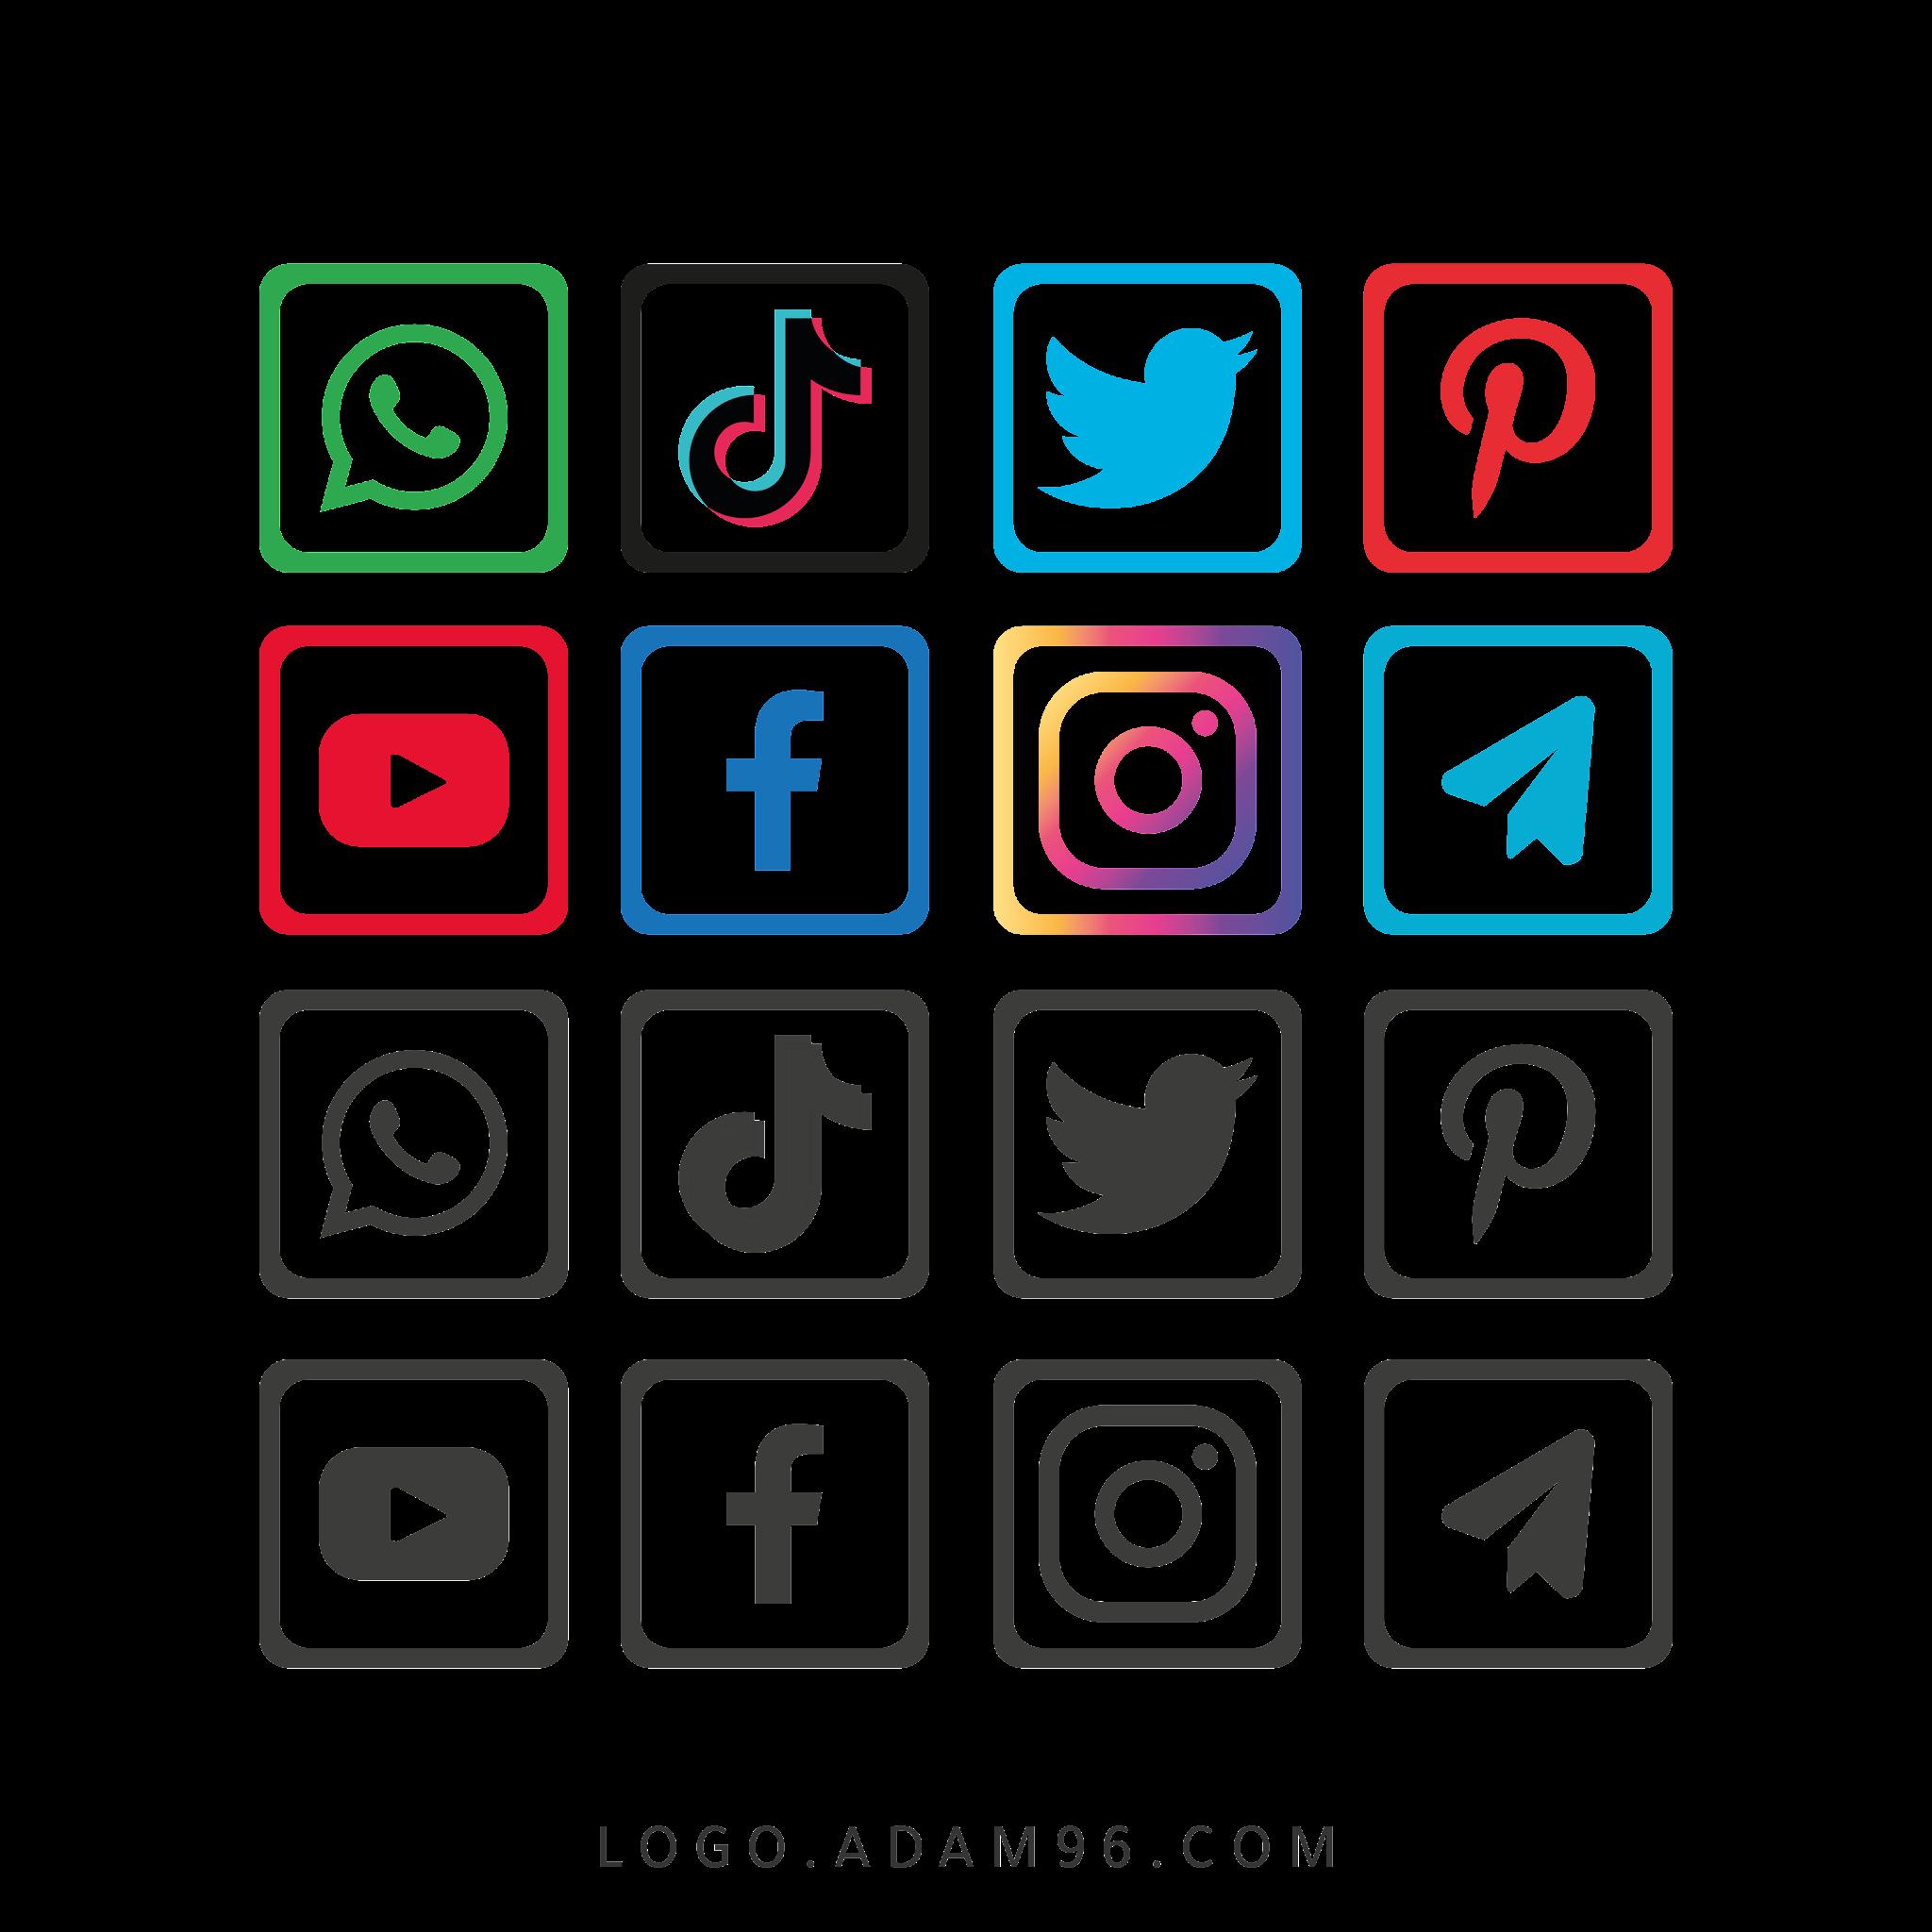 تحميل شعارات سوشيال ميديا شفافة Social Media Logos PDF - SVG